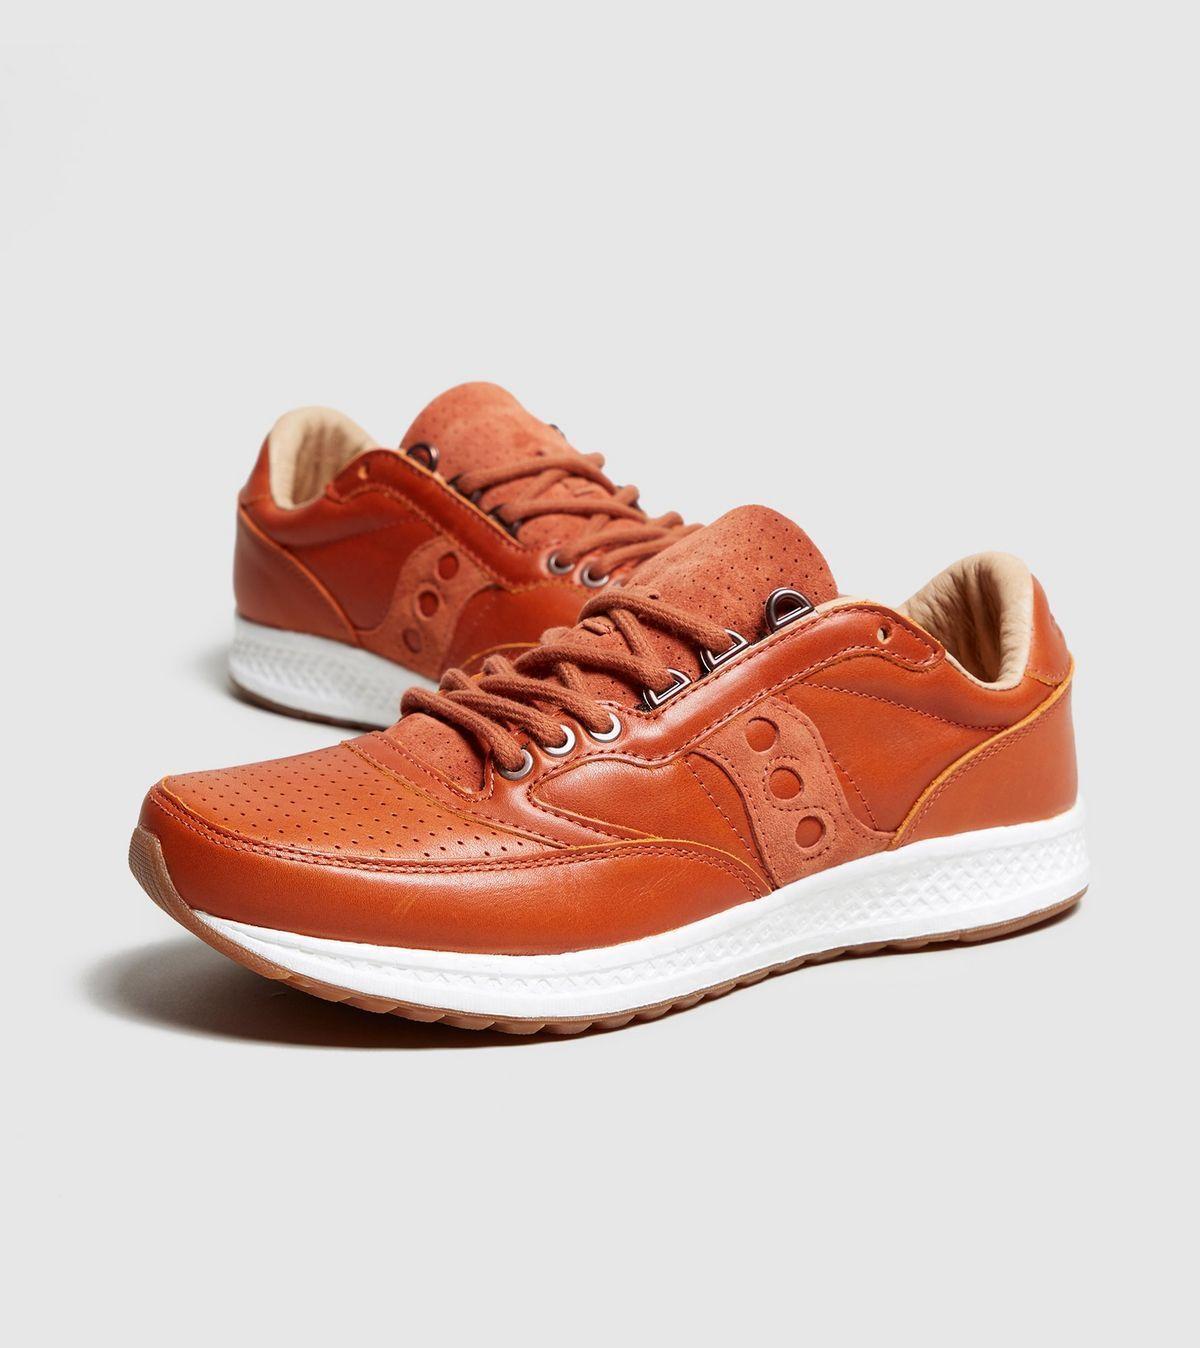 Saucony señores Freedom Runner zapatillas marrón